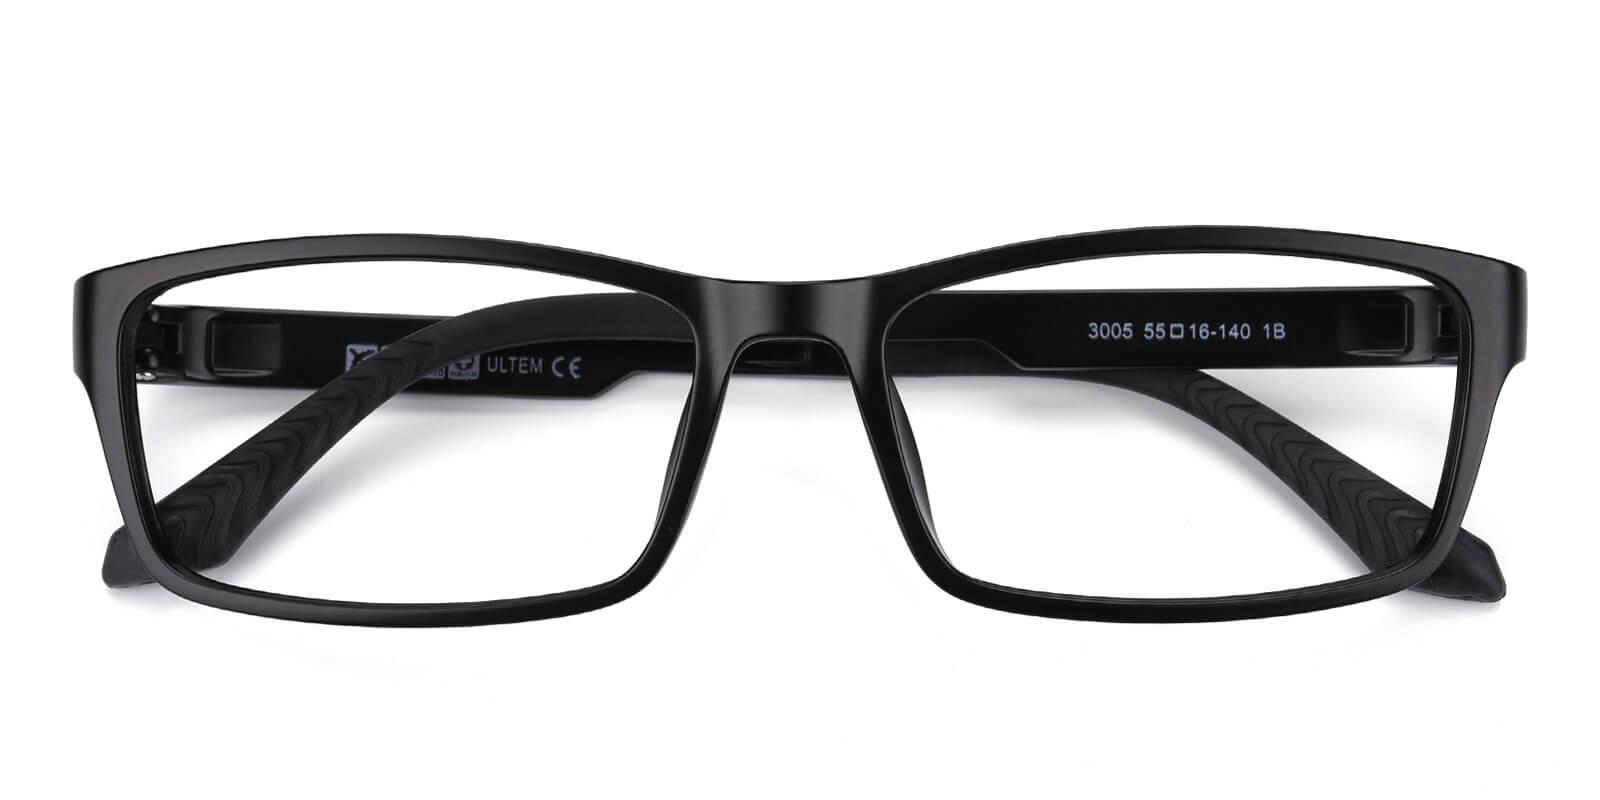 Evidina-Black-Rectangle-Plastic-Eyeglasses-detail